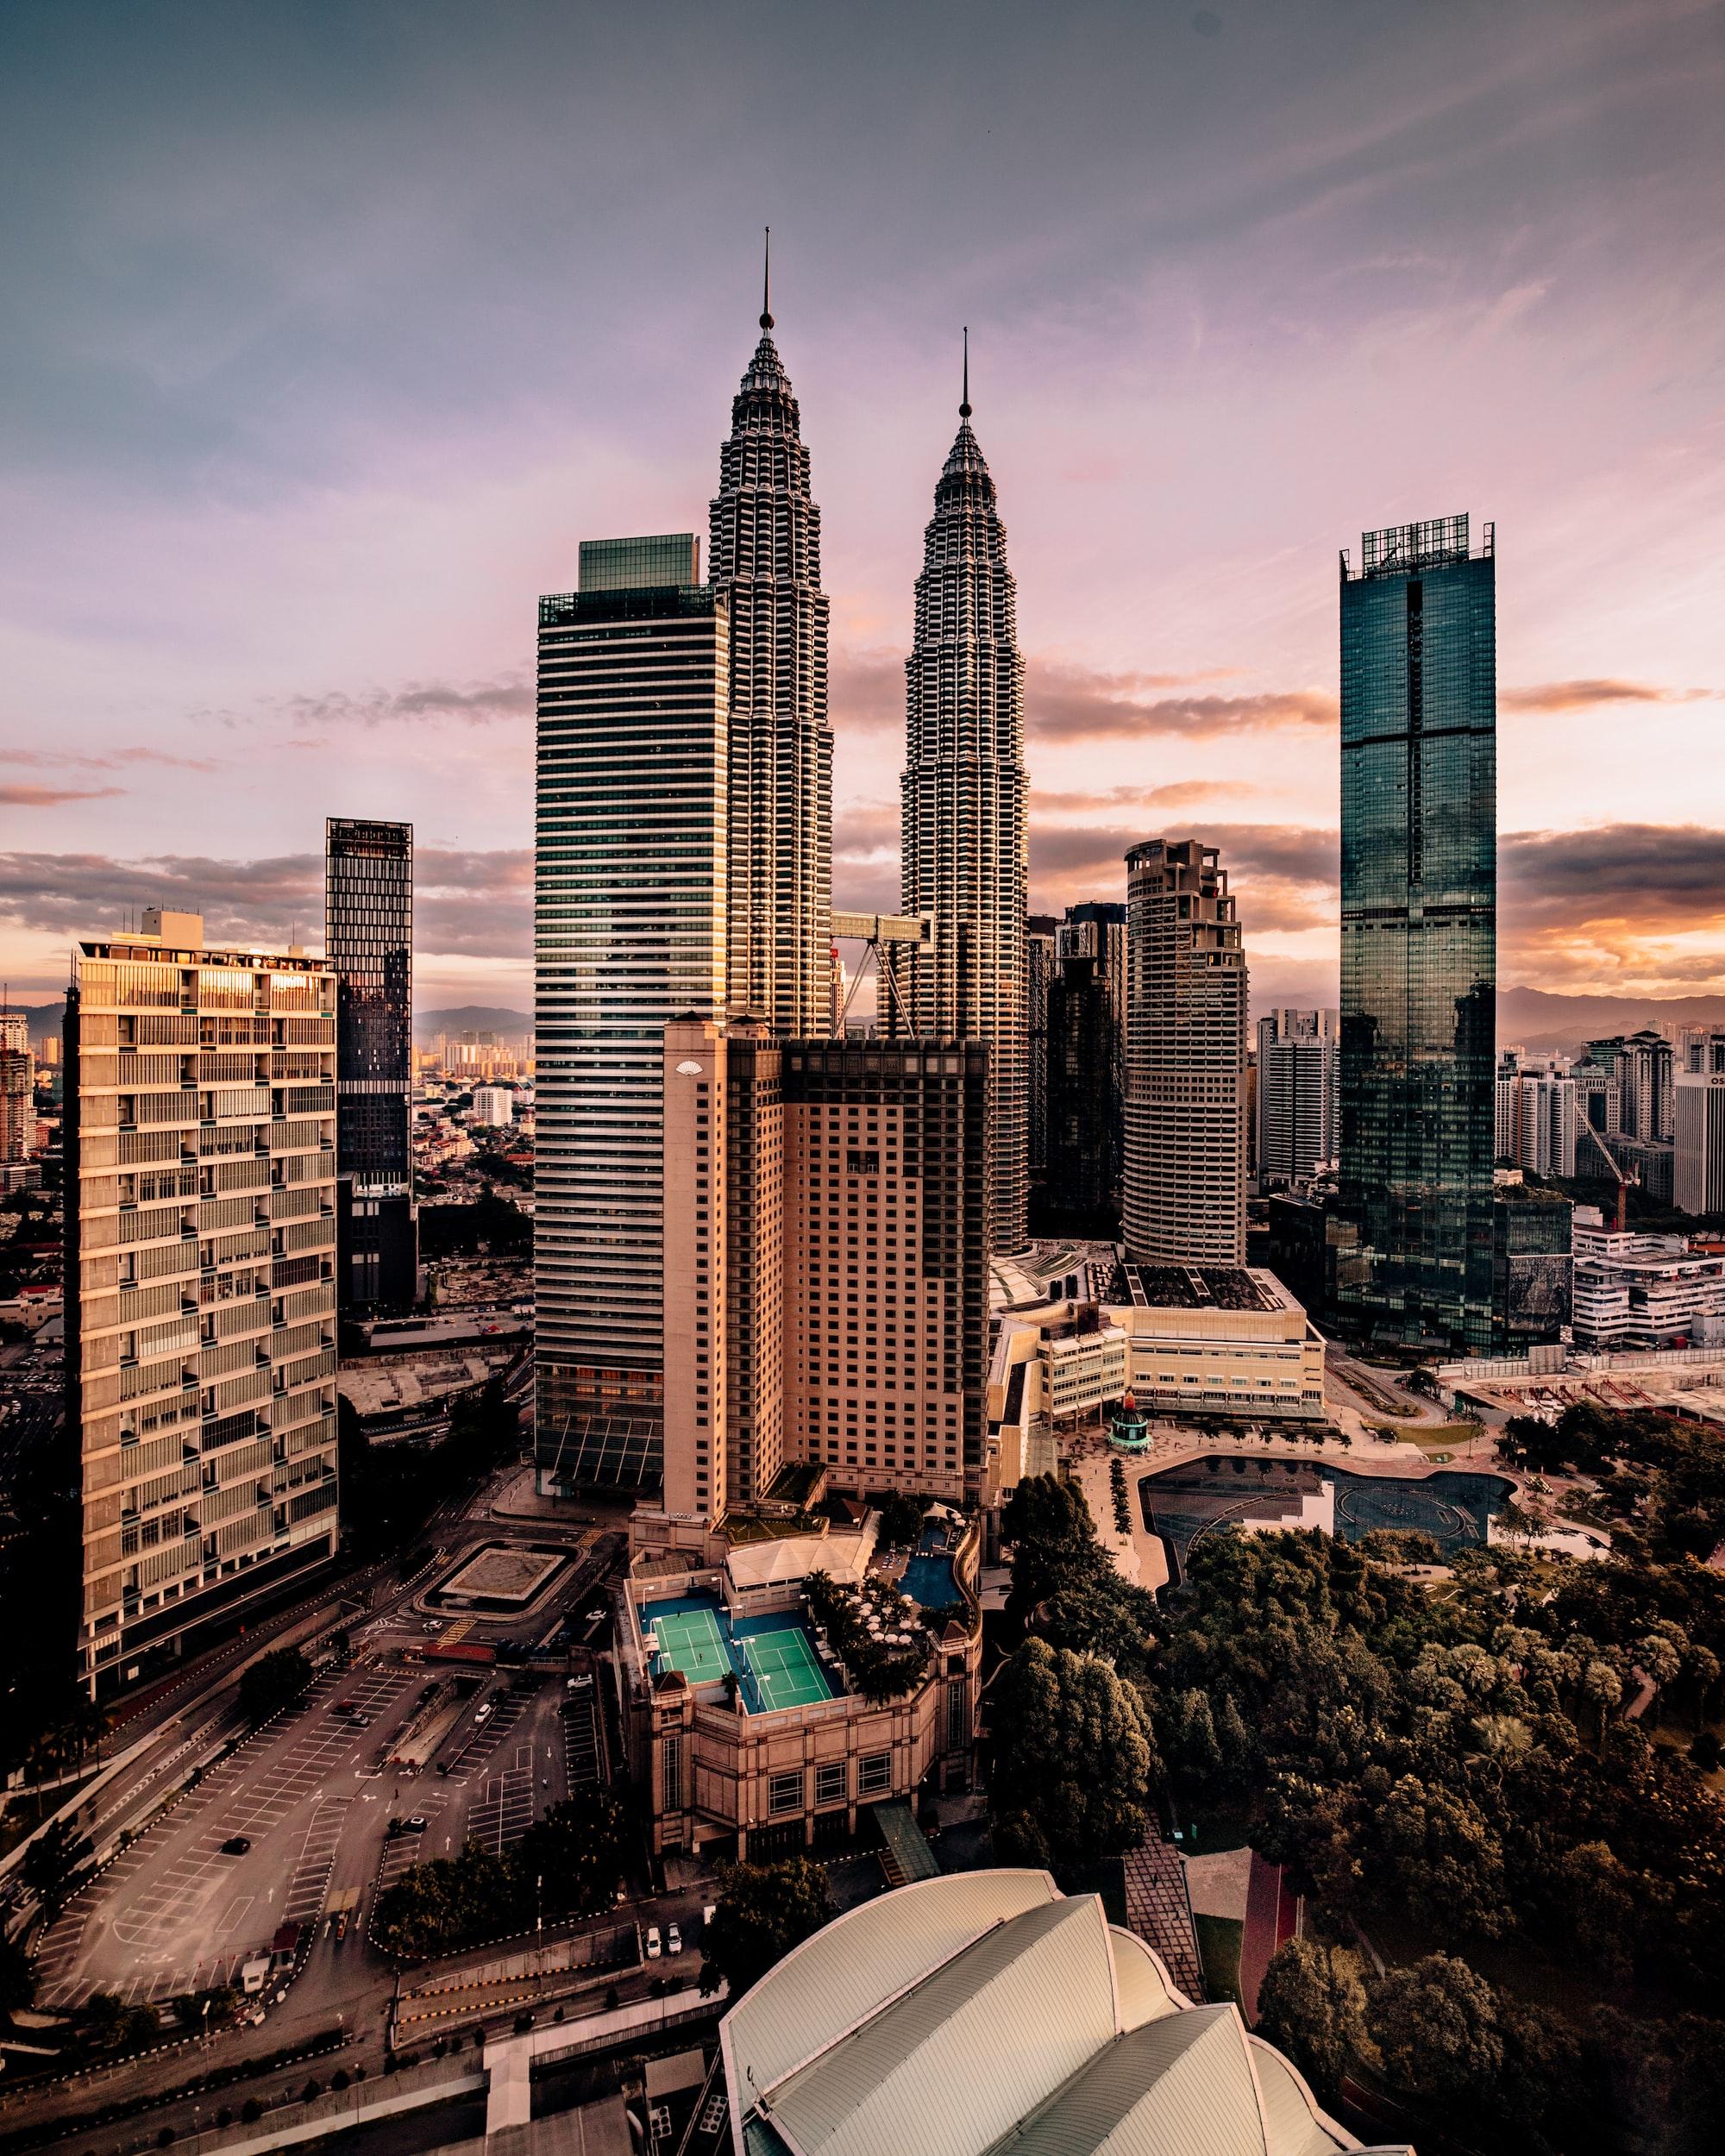 The Petronas Towers in Kuala Lumpur Malaysia.